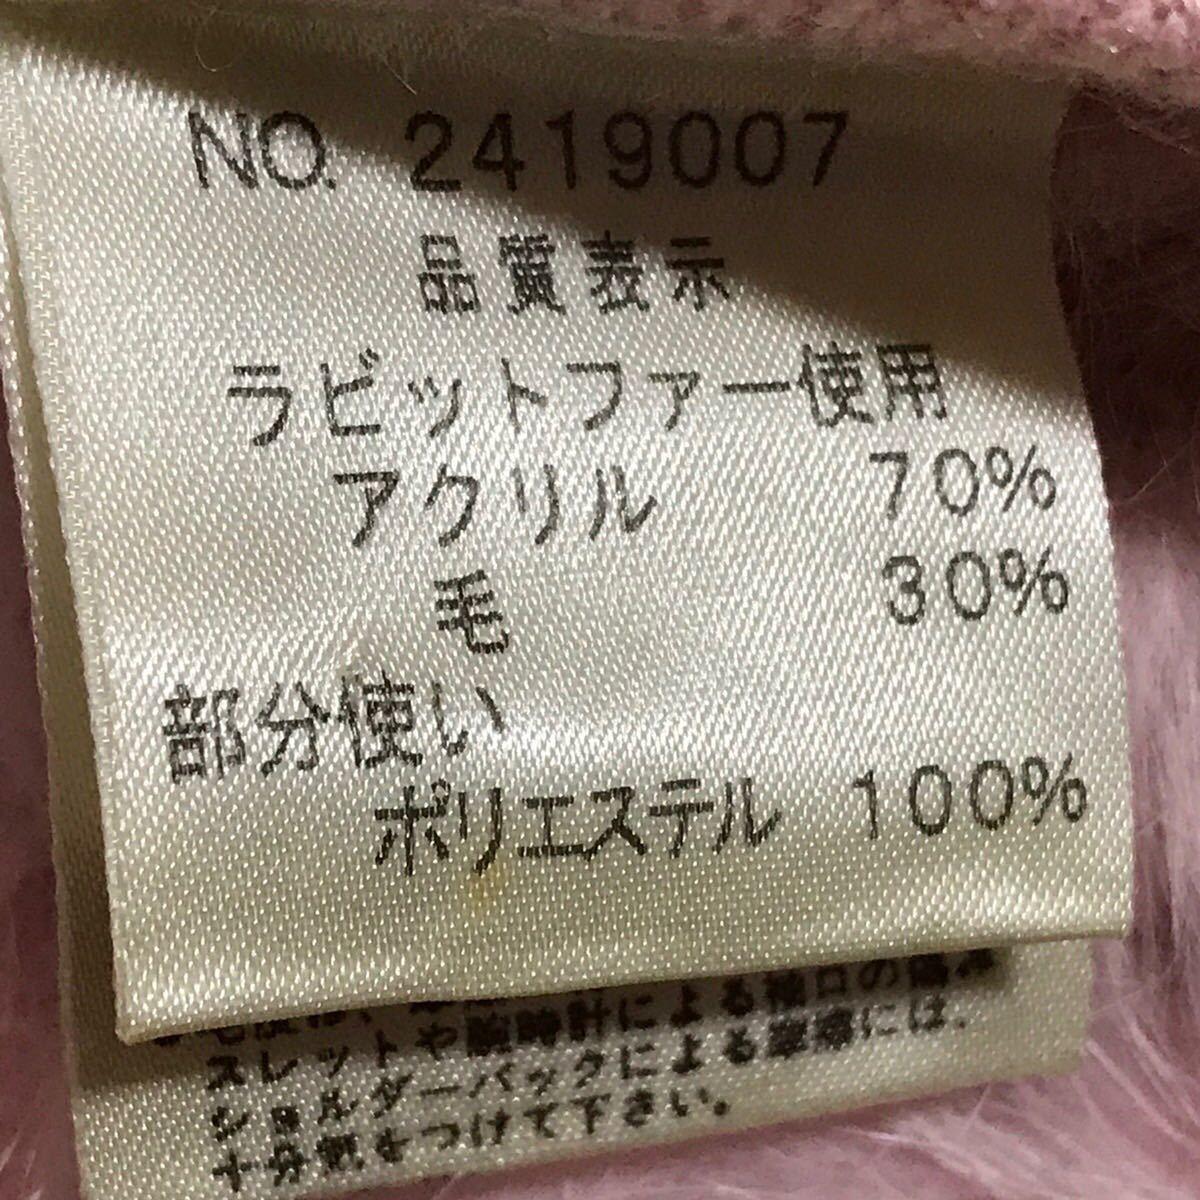 ★ラビットリアルファーリボン付きショール★ストール★マフラー★ピンク★レディース